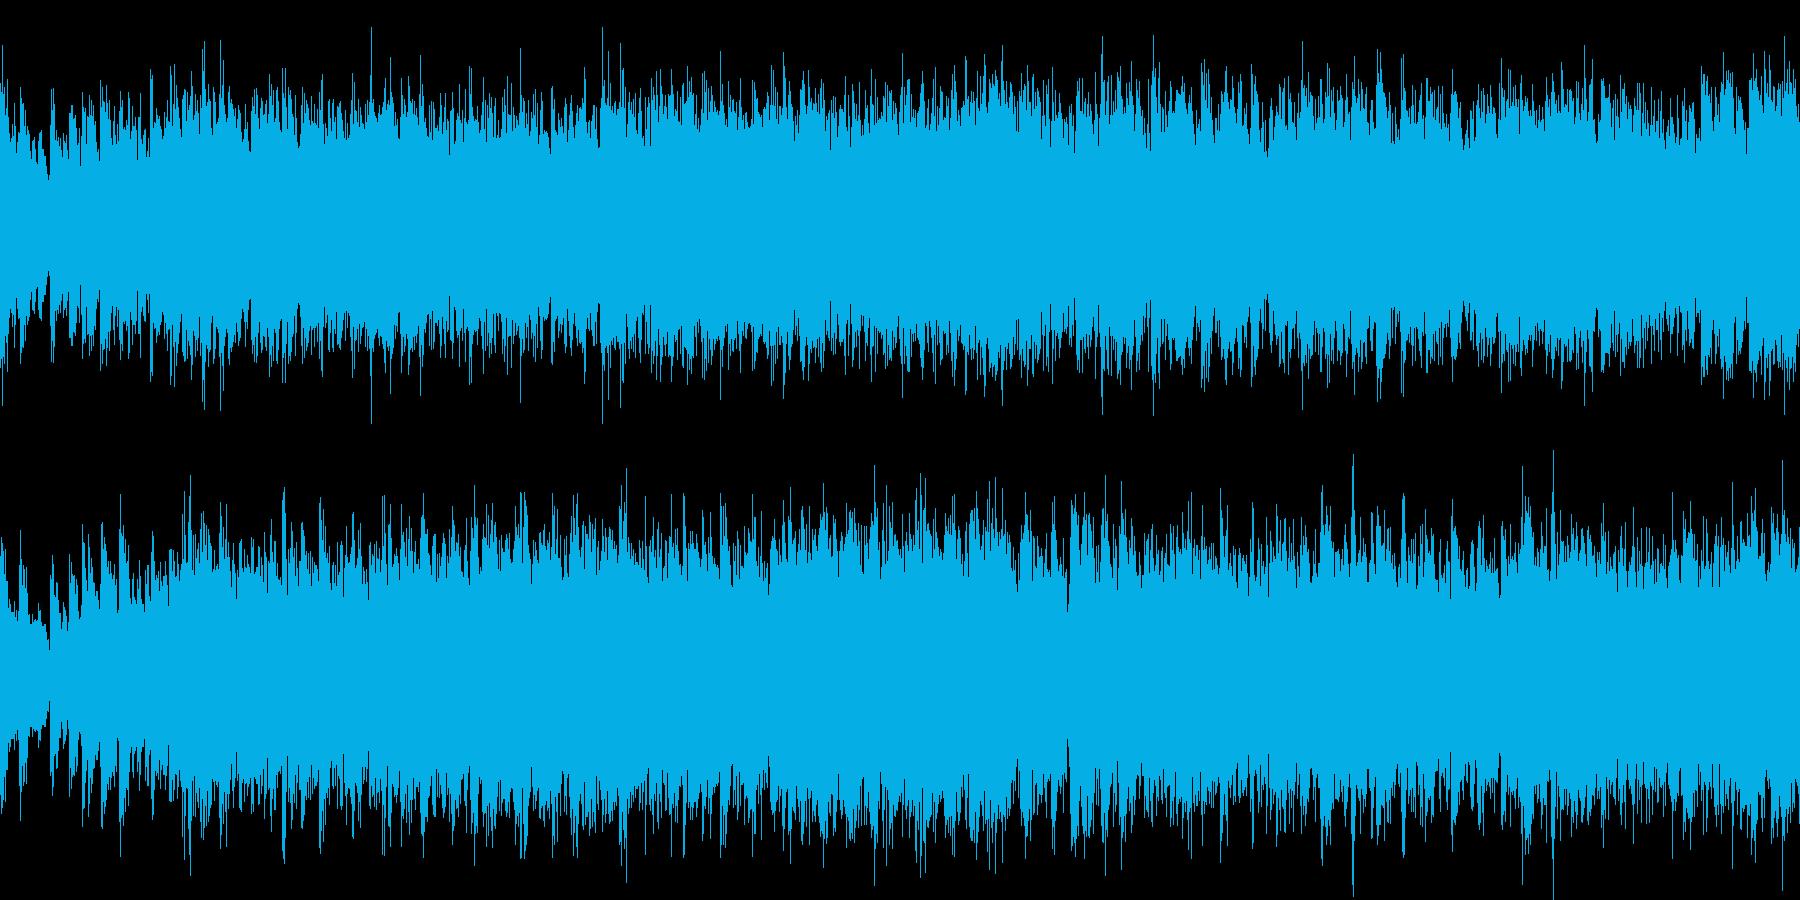 戦闘曲に使えそうなオーケストラの再生済みの波形